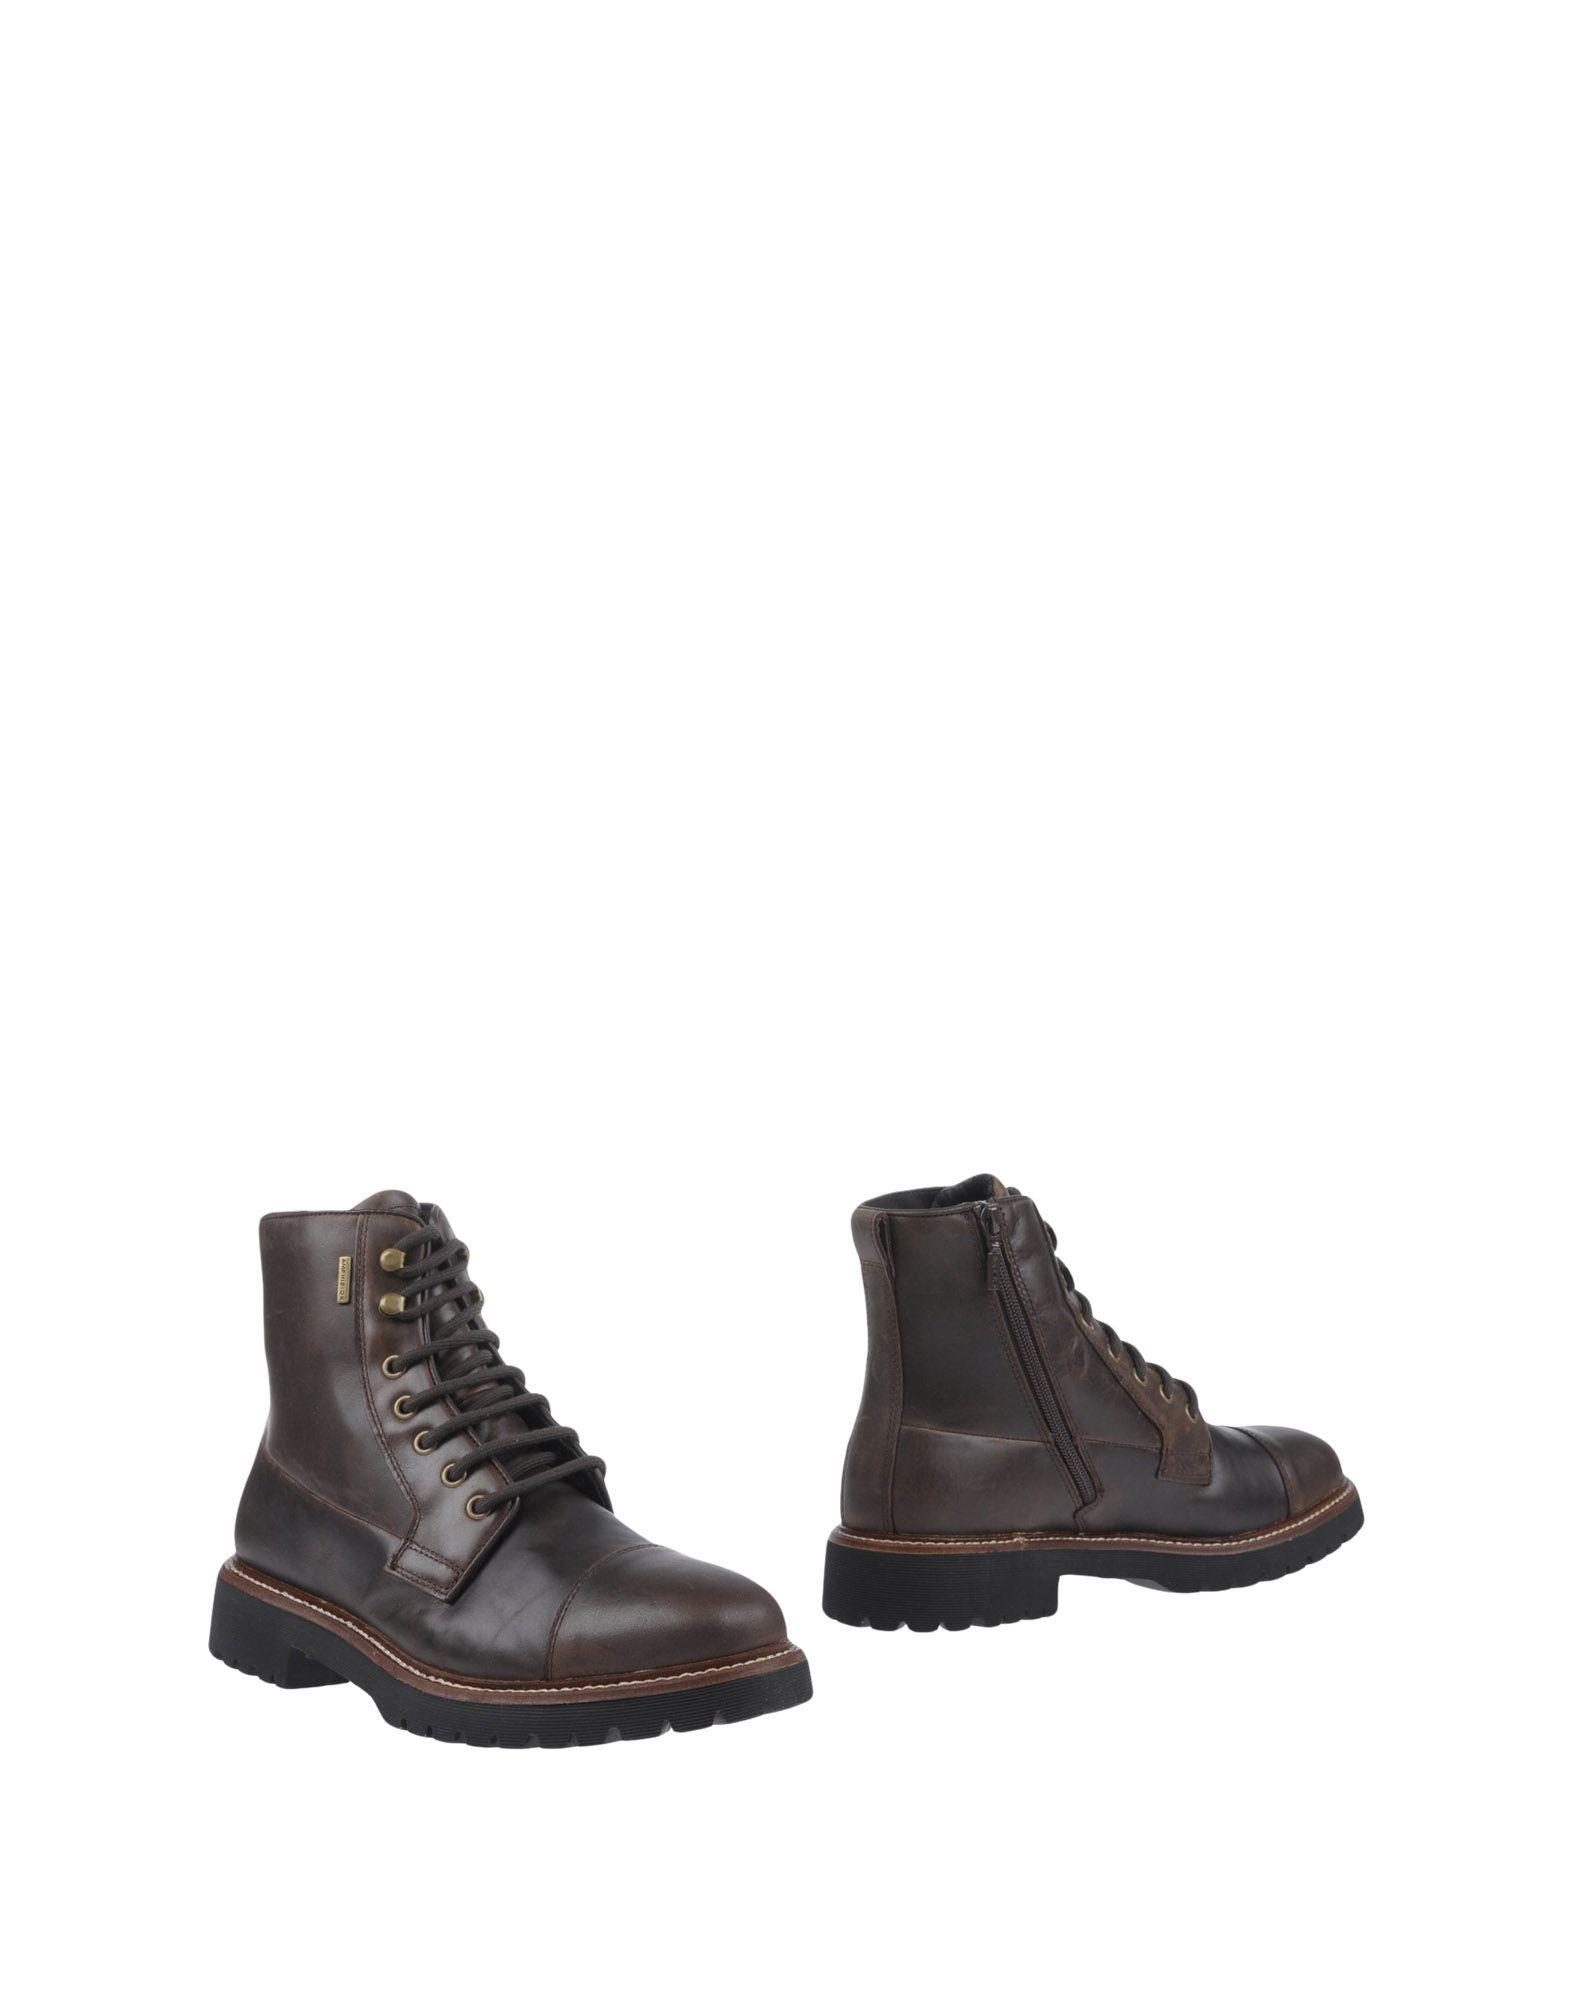 11124956TX Geox Stiefelette Herren  11124956TX  Heiße Schuhe 824199